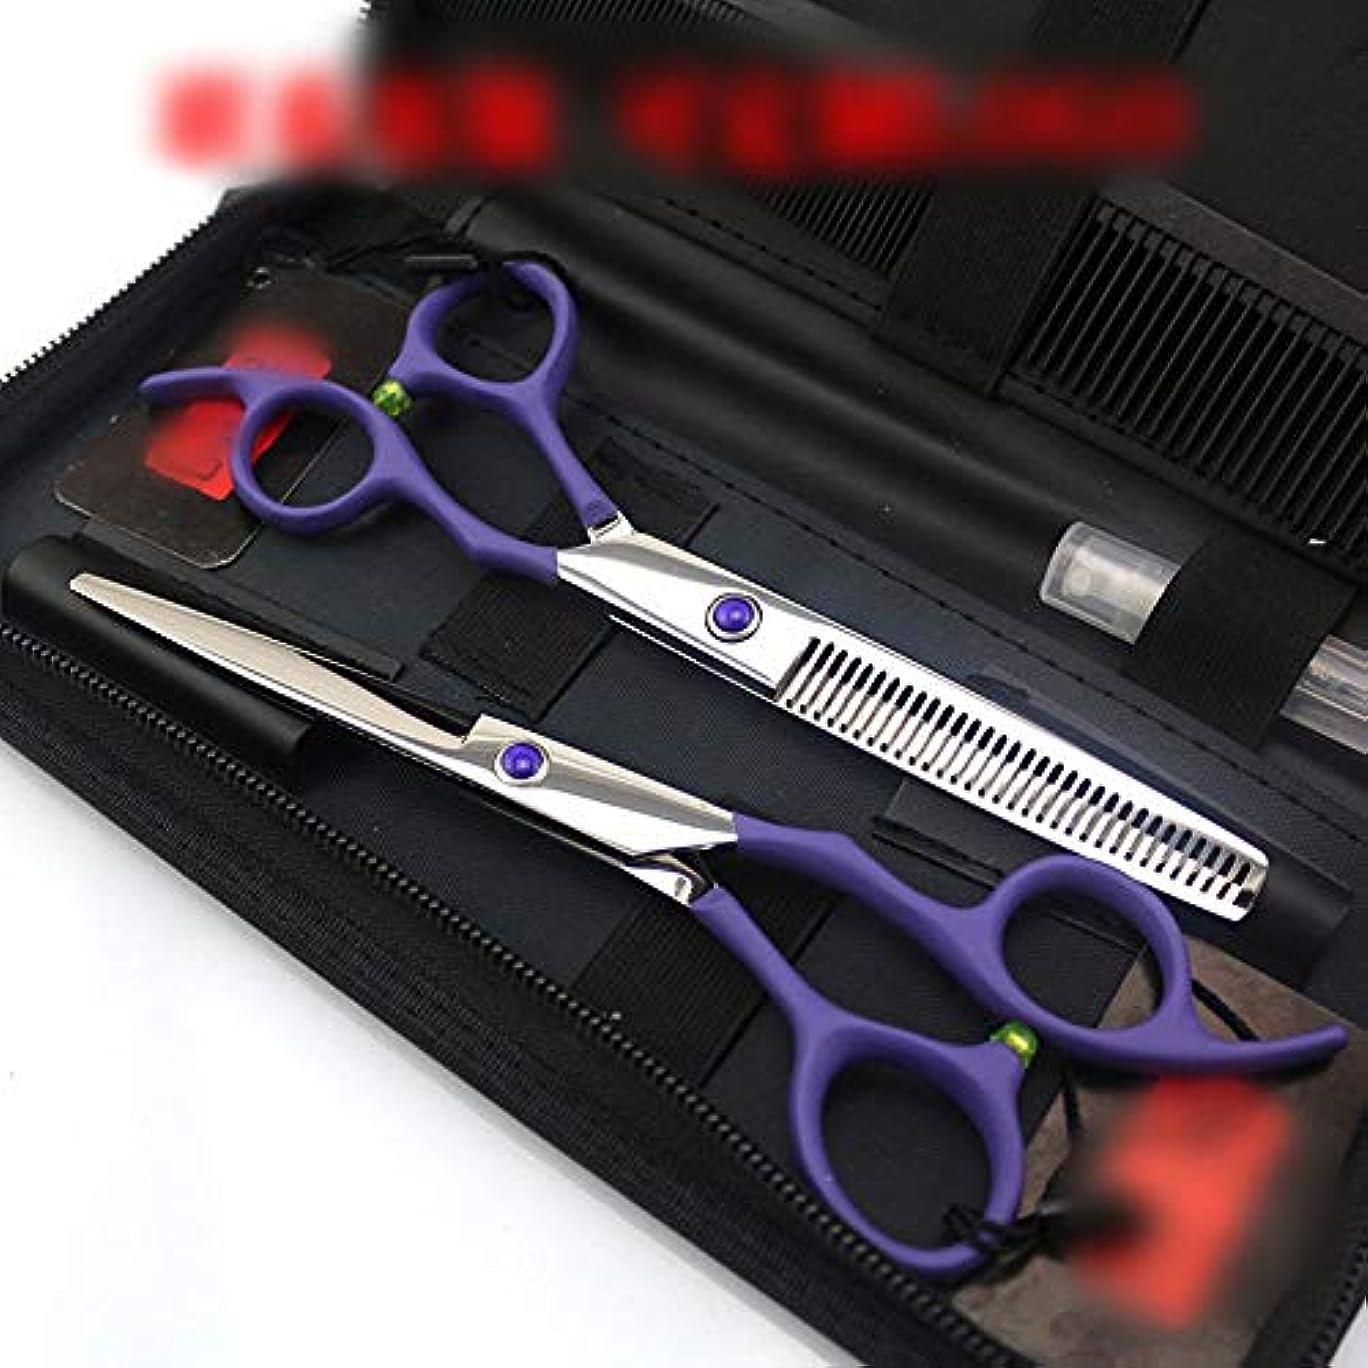 キャンベラエキスカンガルー理髪用はさみ 6.0インチの紫色の専門の理髪はさみ、平はさみ+歯のせん断の美容院のはさみ理髪道具の毛の切断はさみのステンレス製の理髪師のはさみ (色 : 紫の)